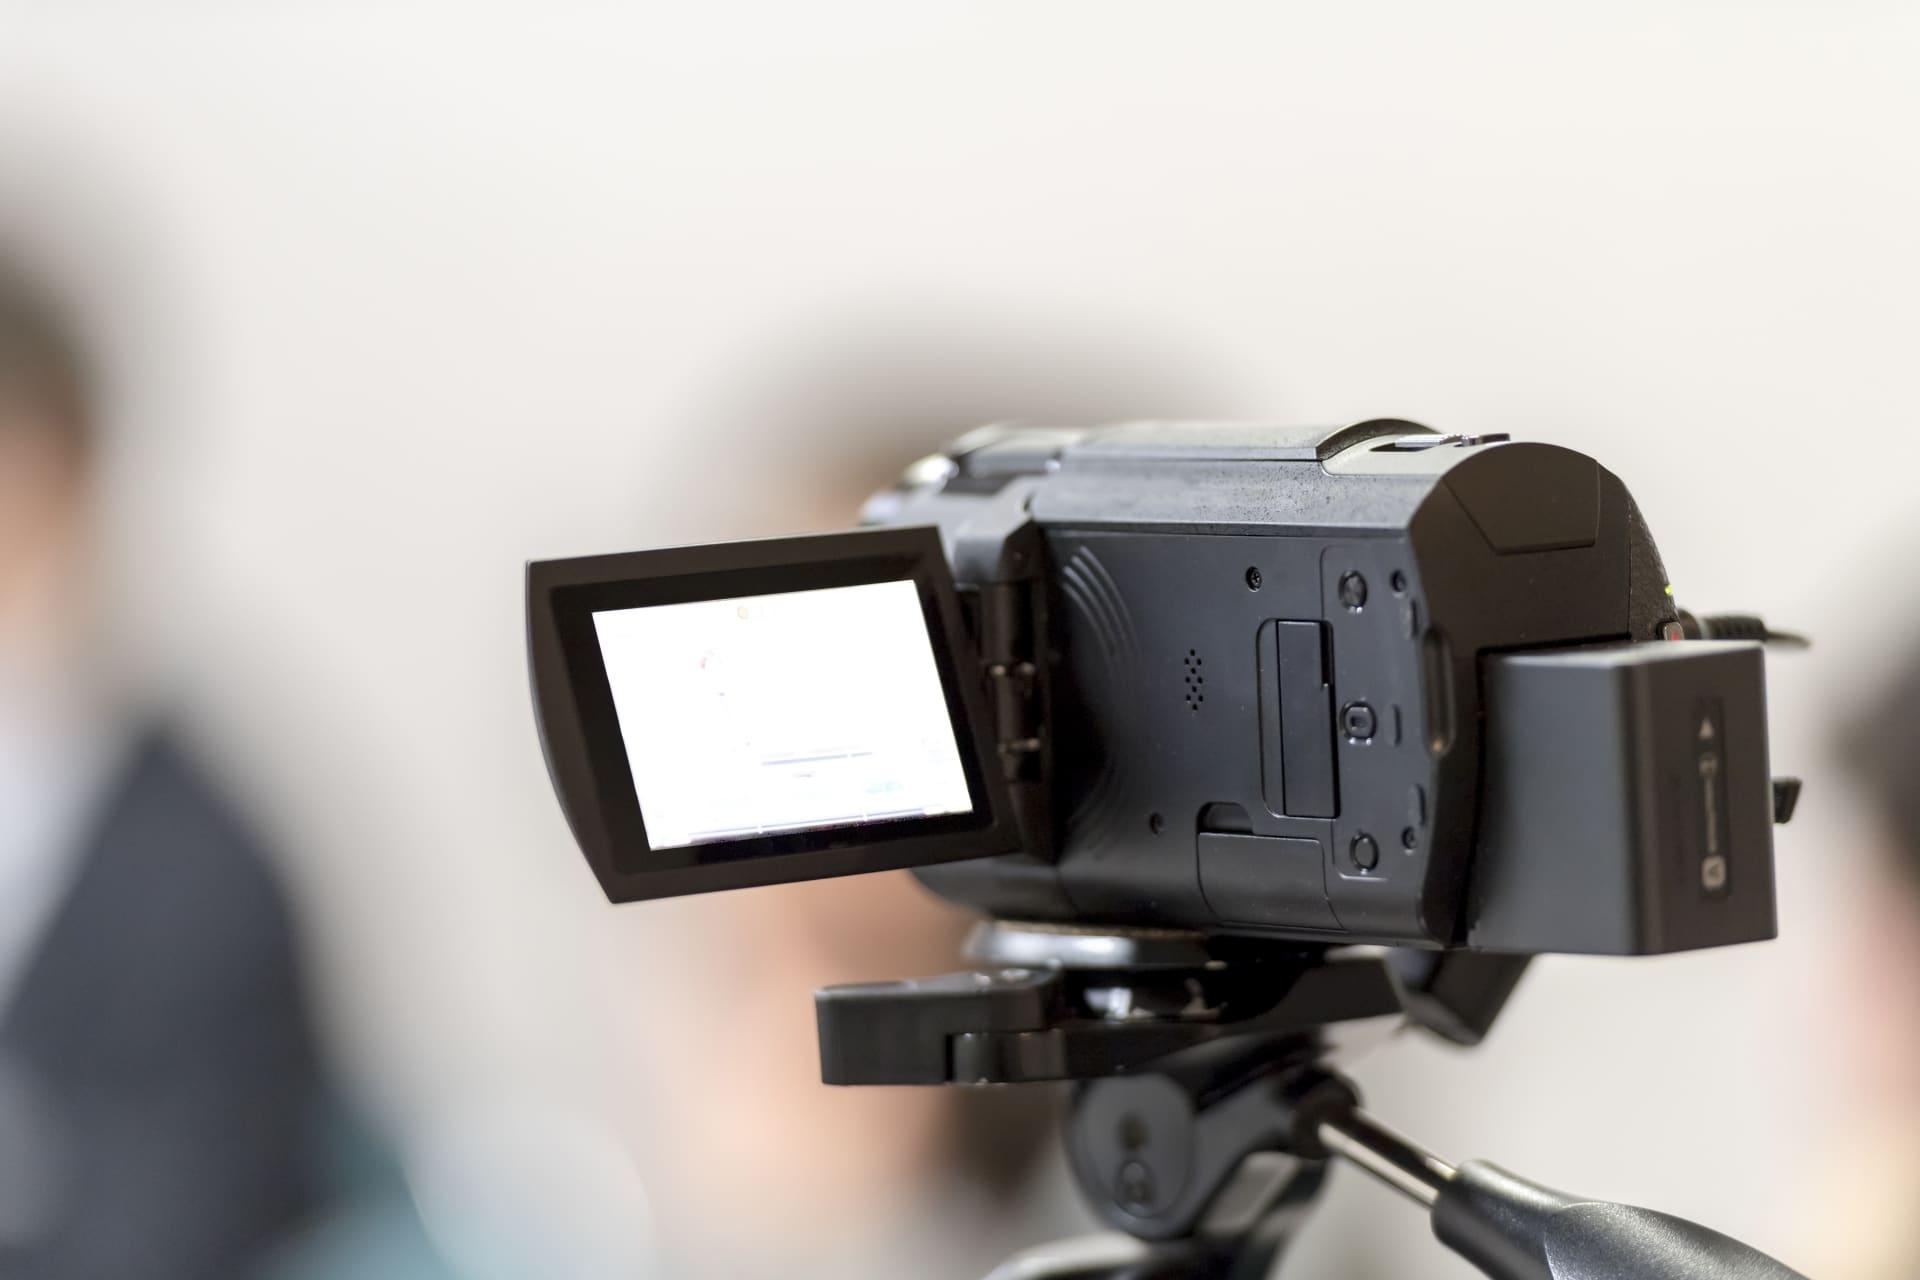 YouTubeに投稿する動画を撮影する